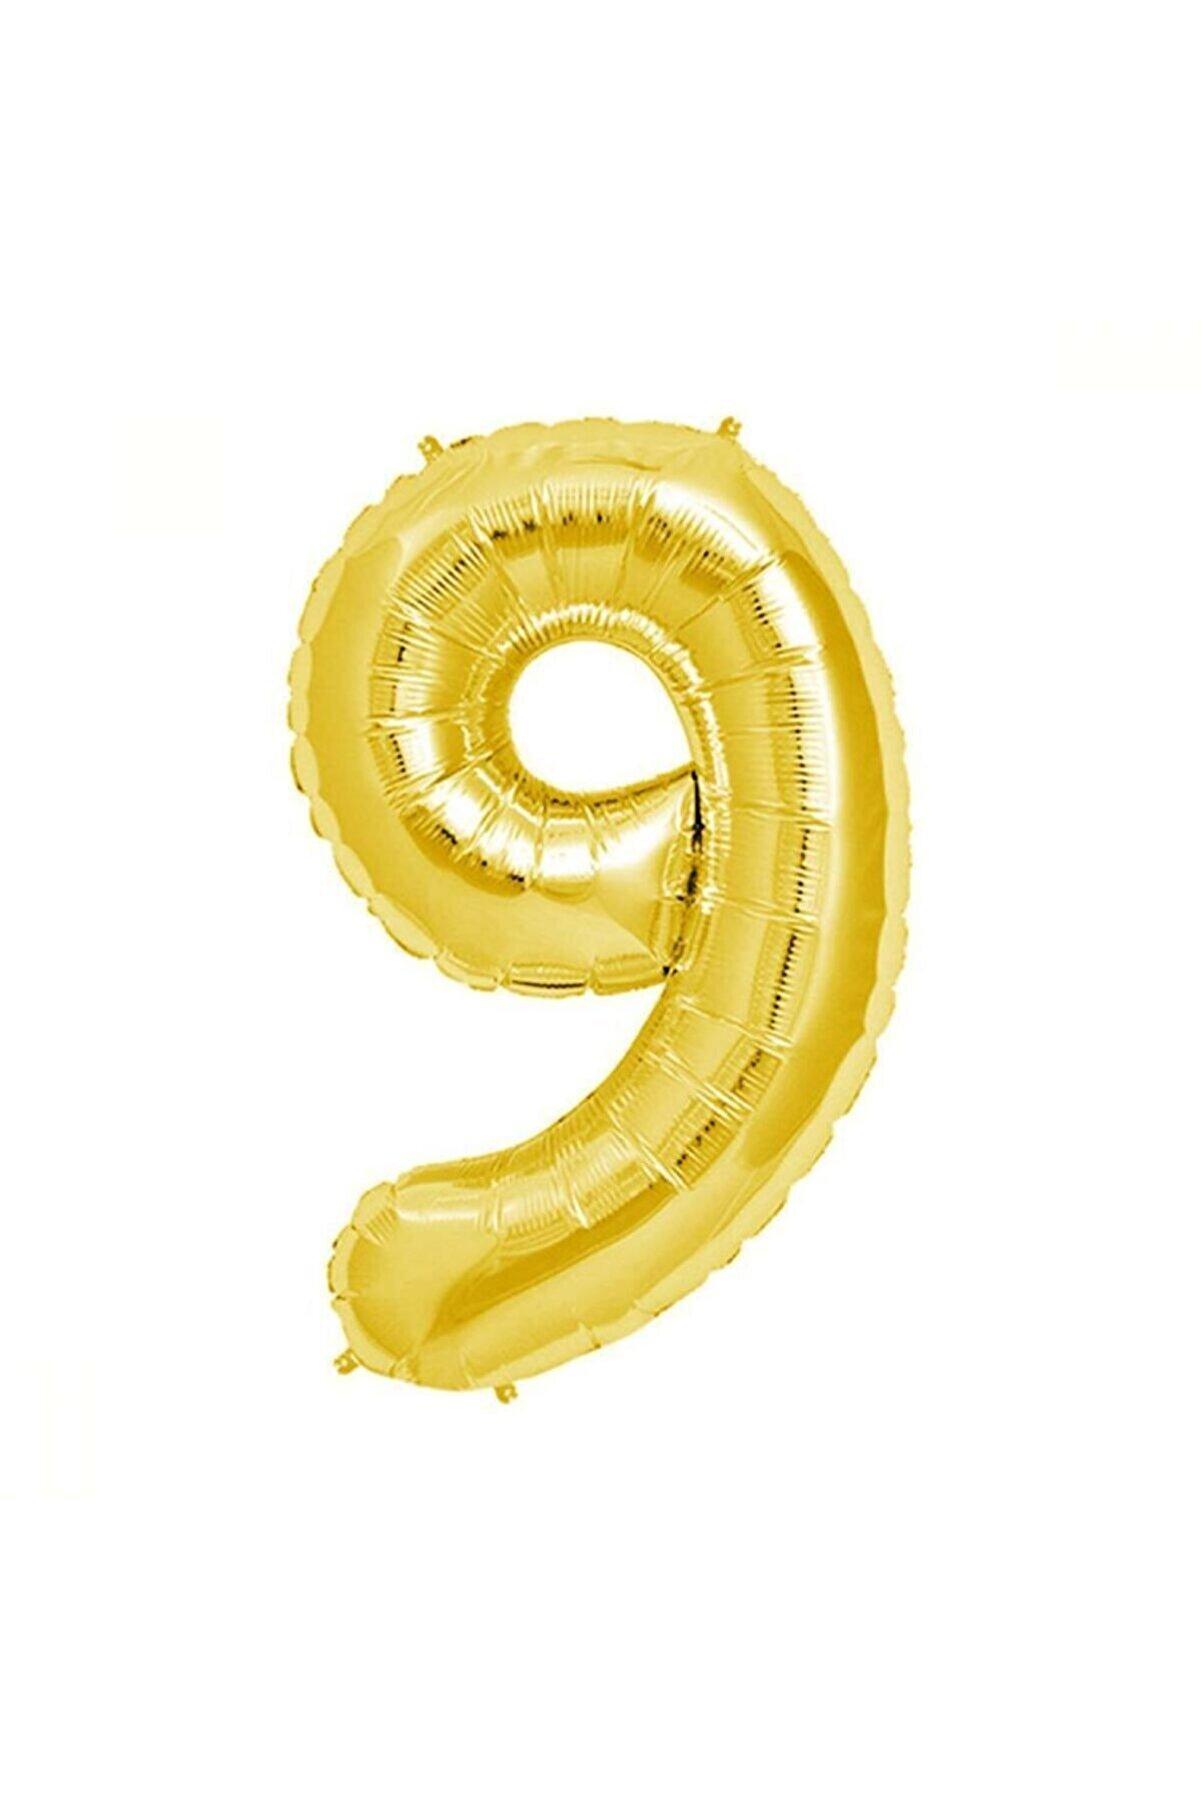 Aker Hediyelik 9 Rakamlı Metalik Sarı Folyo Balon 40 Inc 100cm 9 Sayılı Helyum Balonu Gold Balon